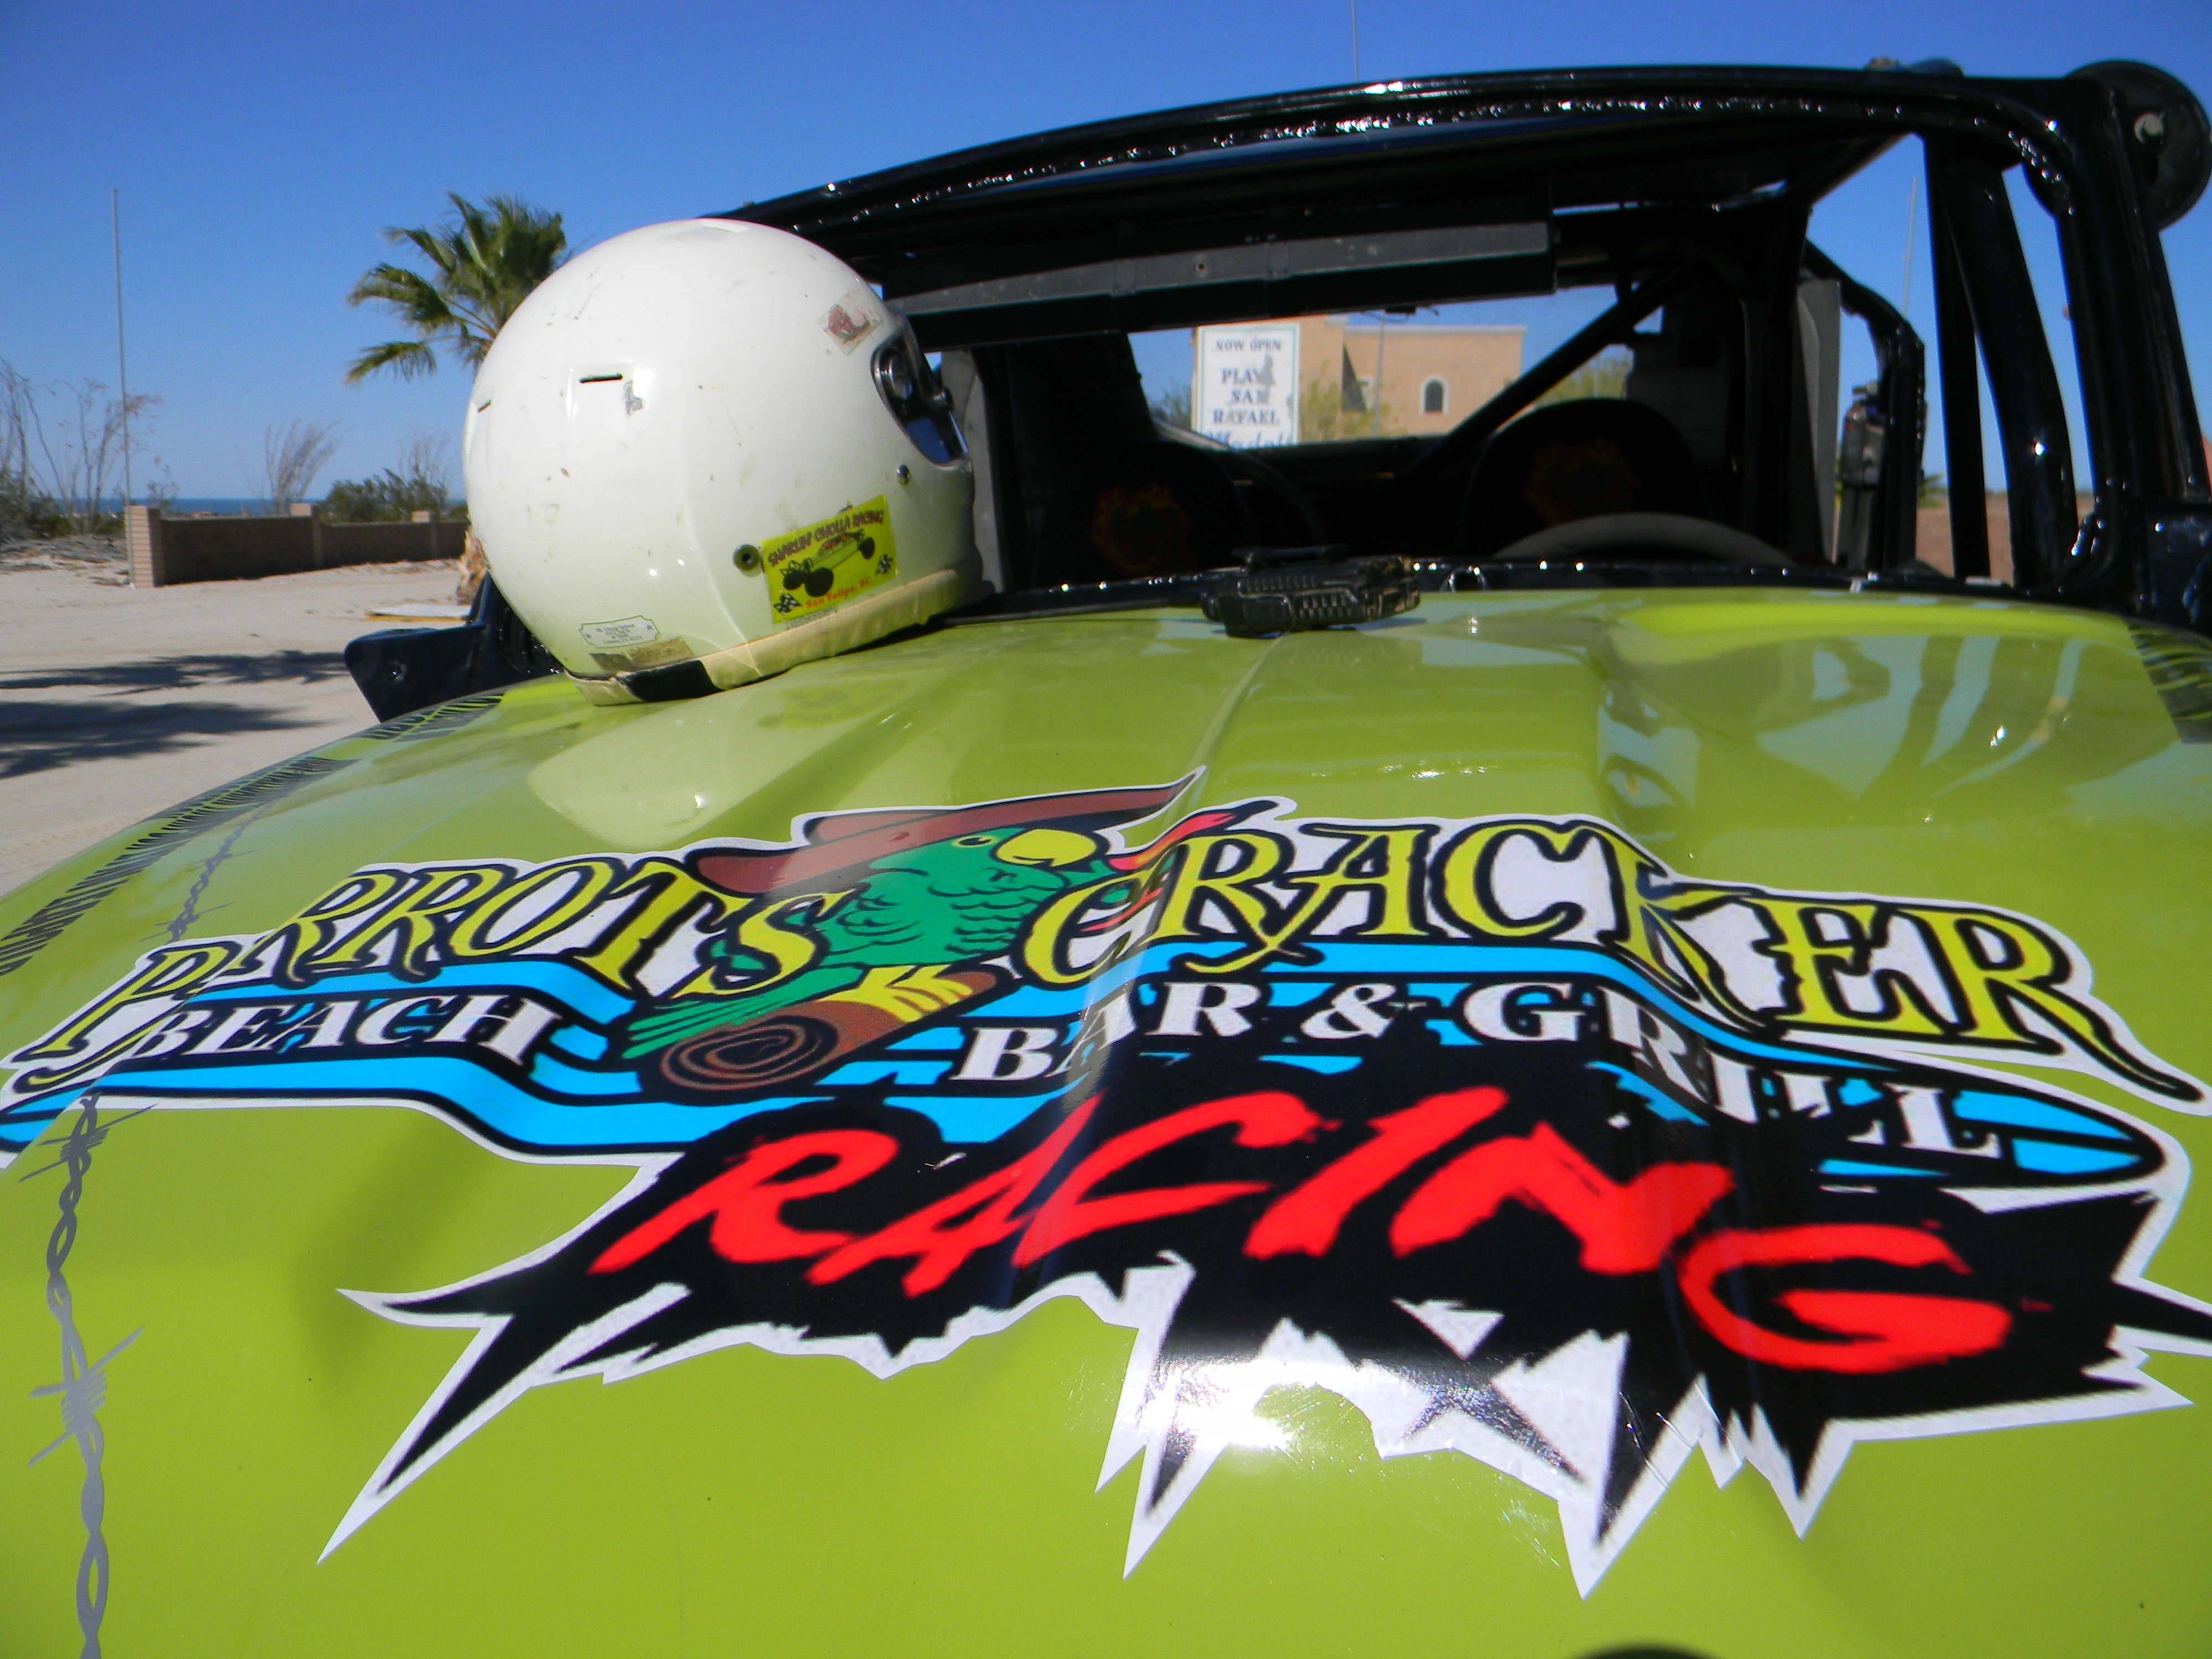 Race car bearing Ed Kociela's name as a cancer survivor, for Racing for Boobs, outside San Felipe, Baja, Mexico, April 2015 | Photo courtesy of Ed Kociela, St. George News